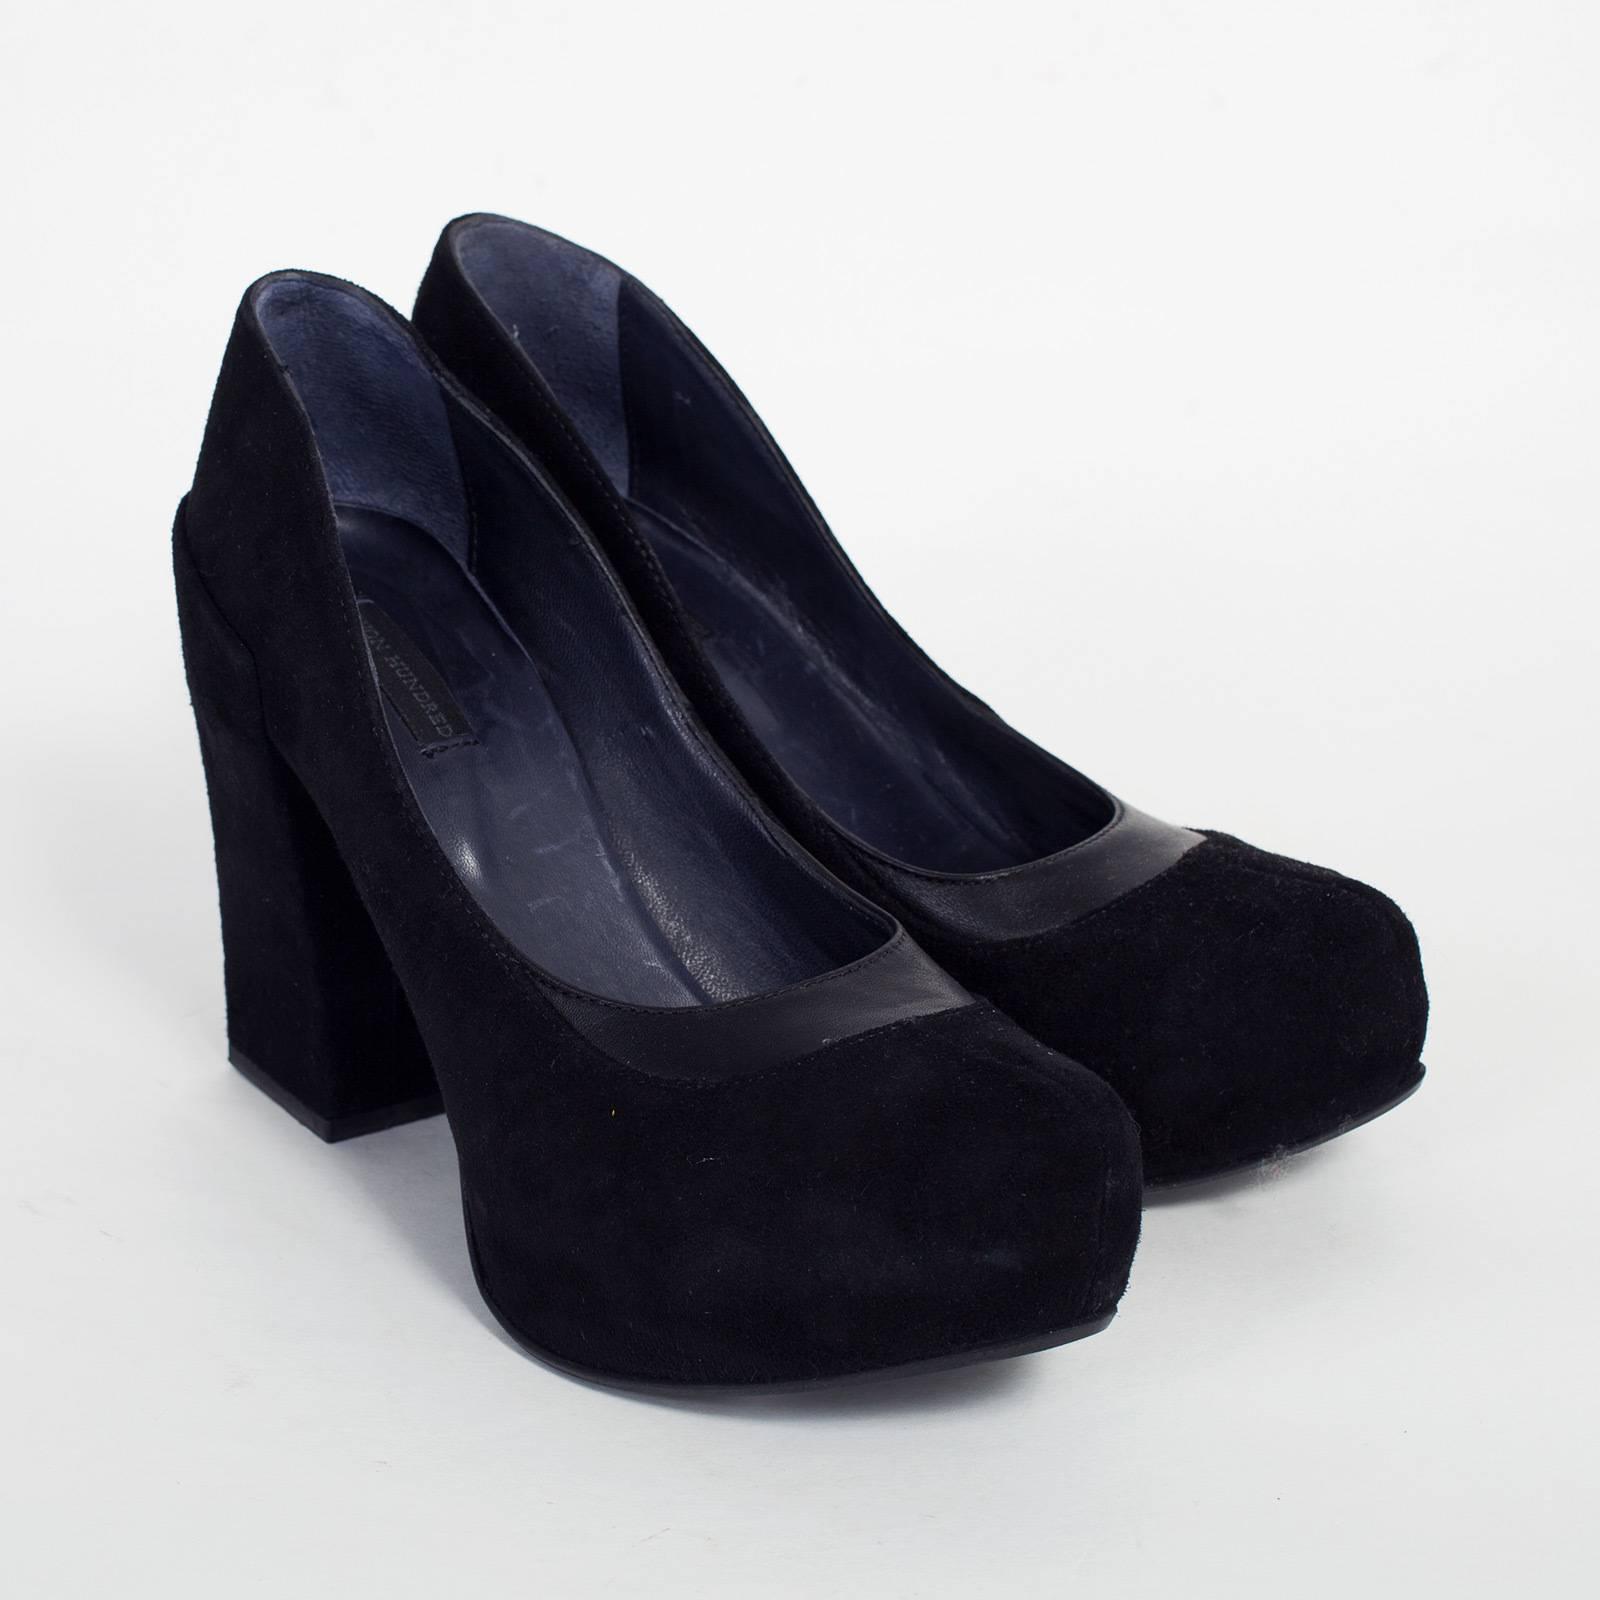 e507485b3608 Купить туфли Won Hundred в Москве с доставкой по цене 7200 рублей ...